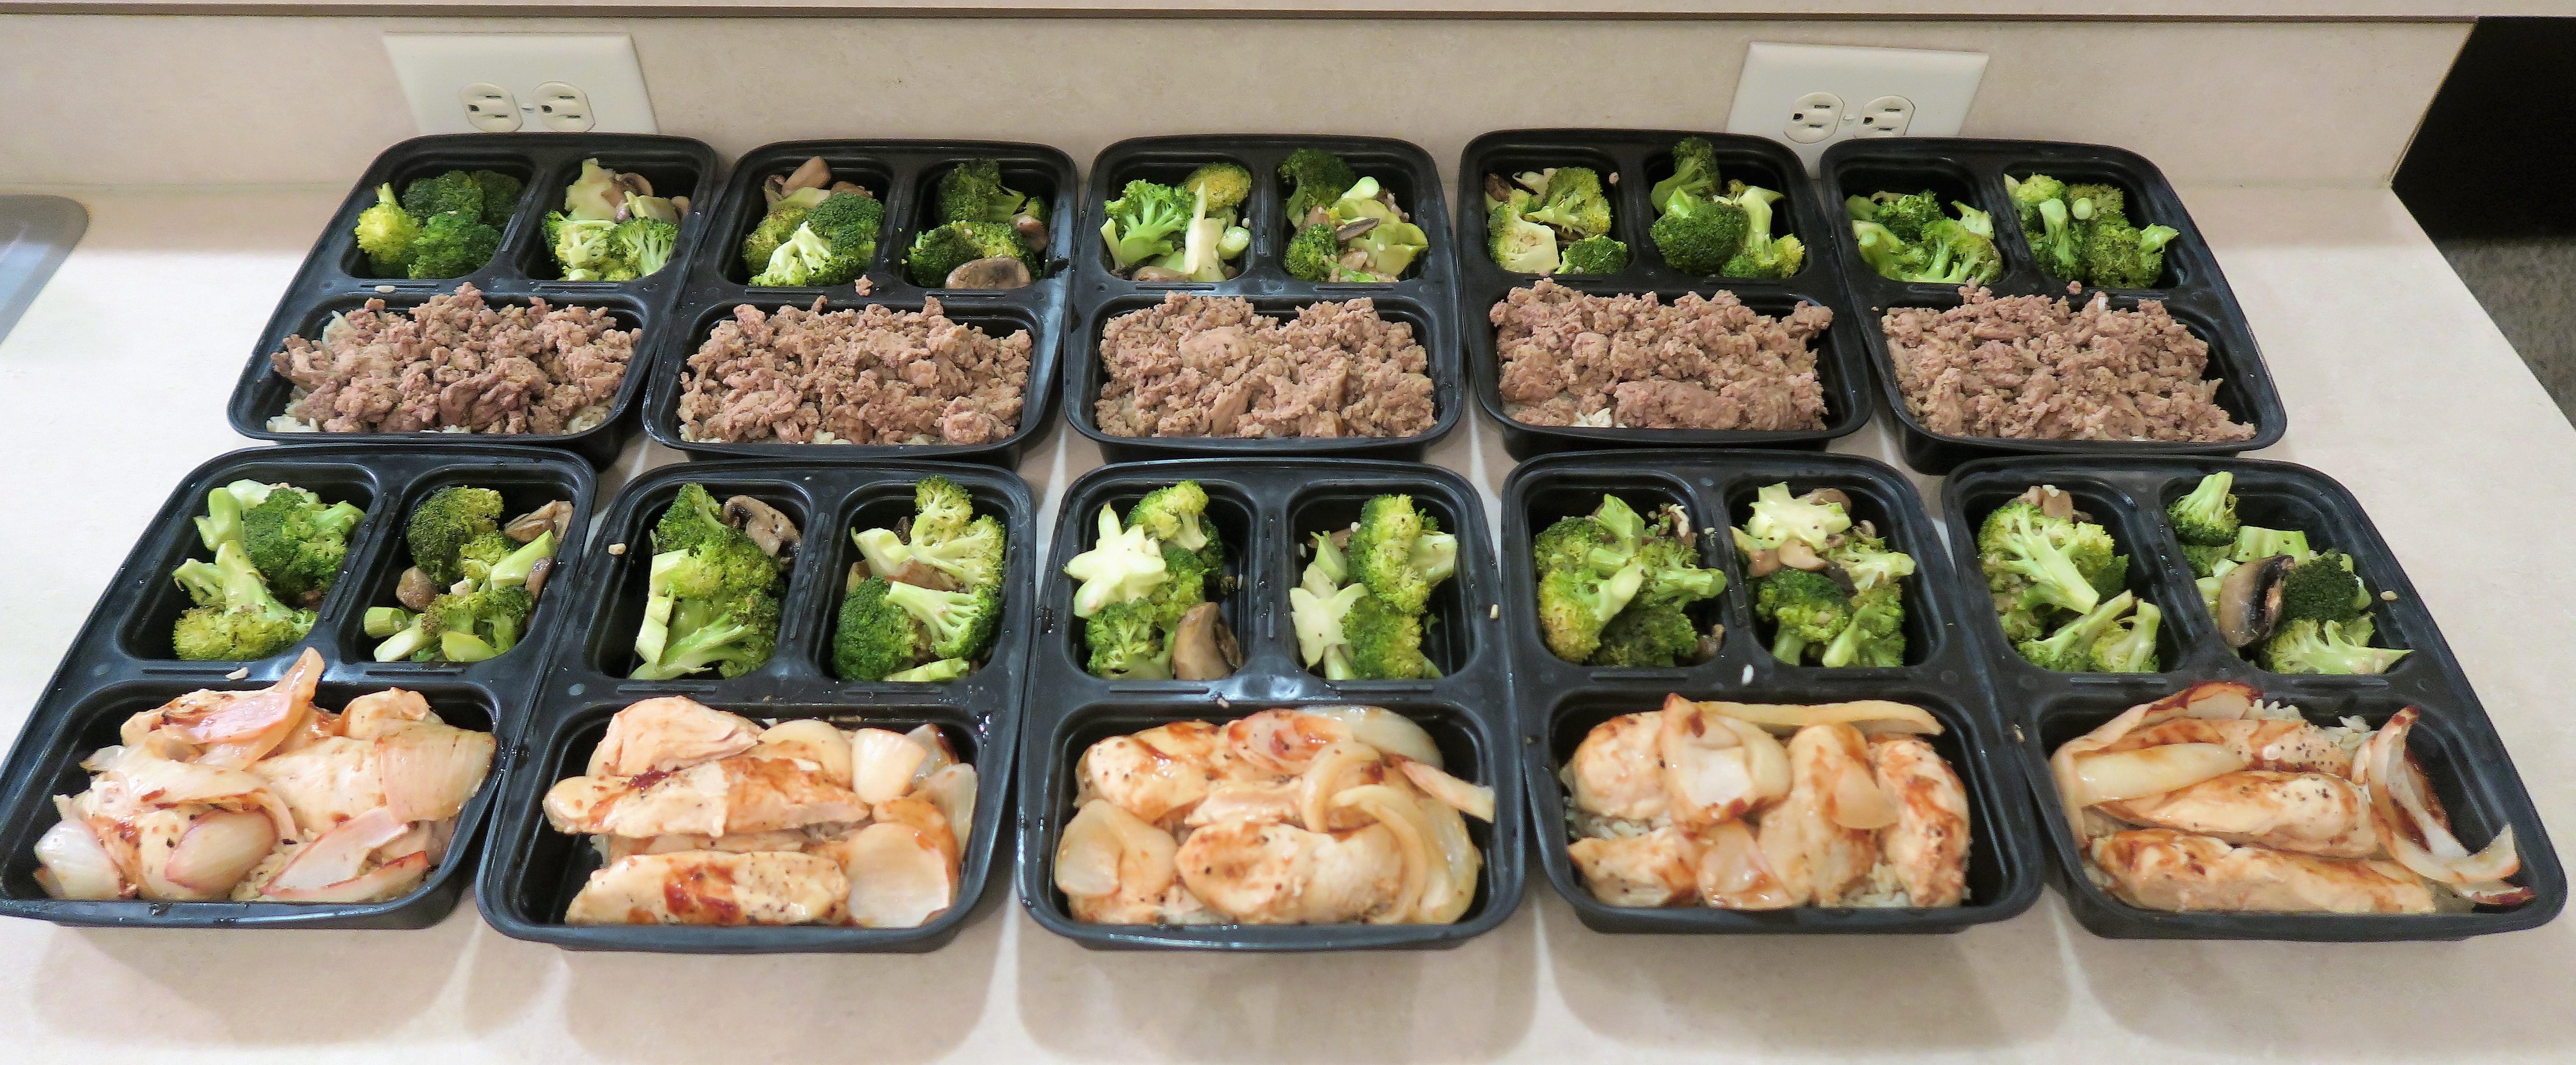 My Weekly Meal Prep 21 |